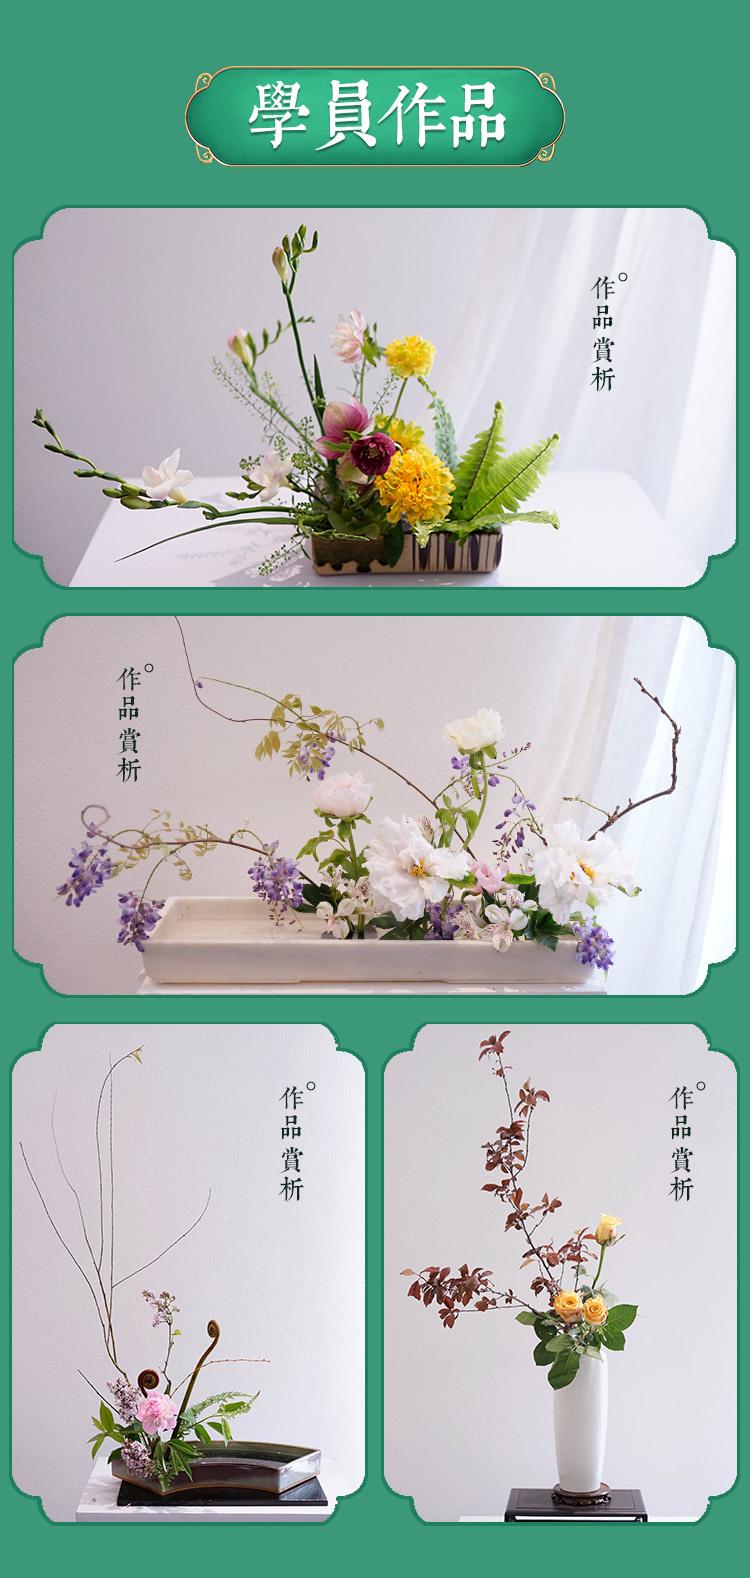 140青莲_11